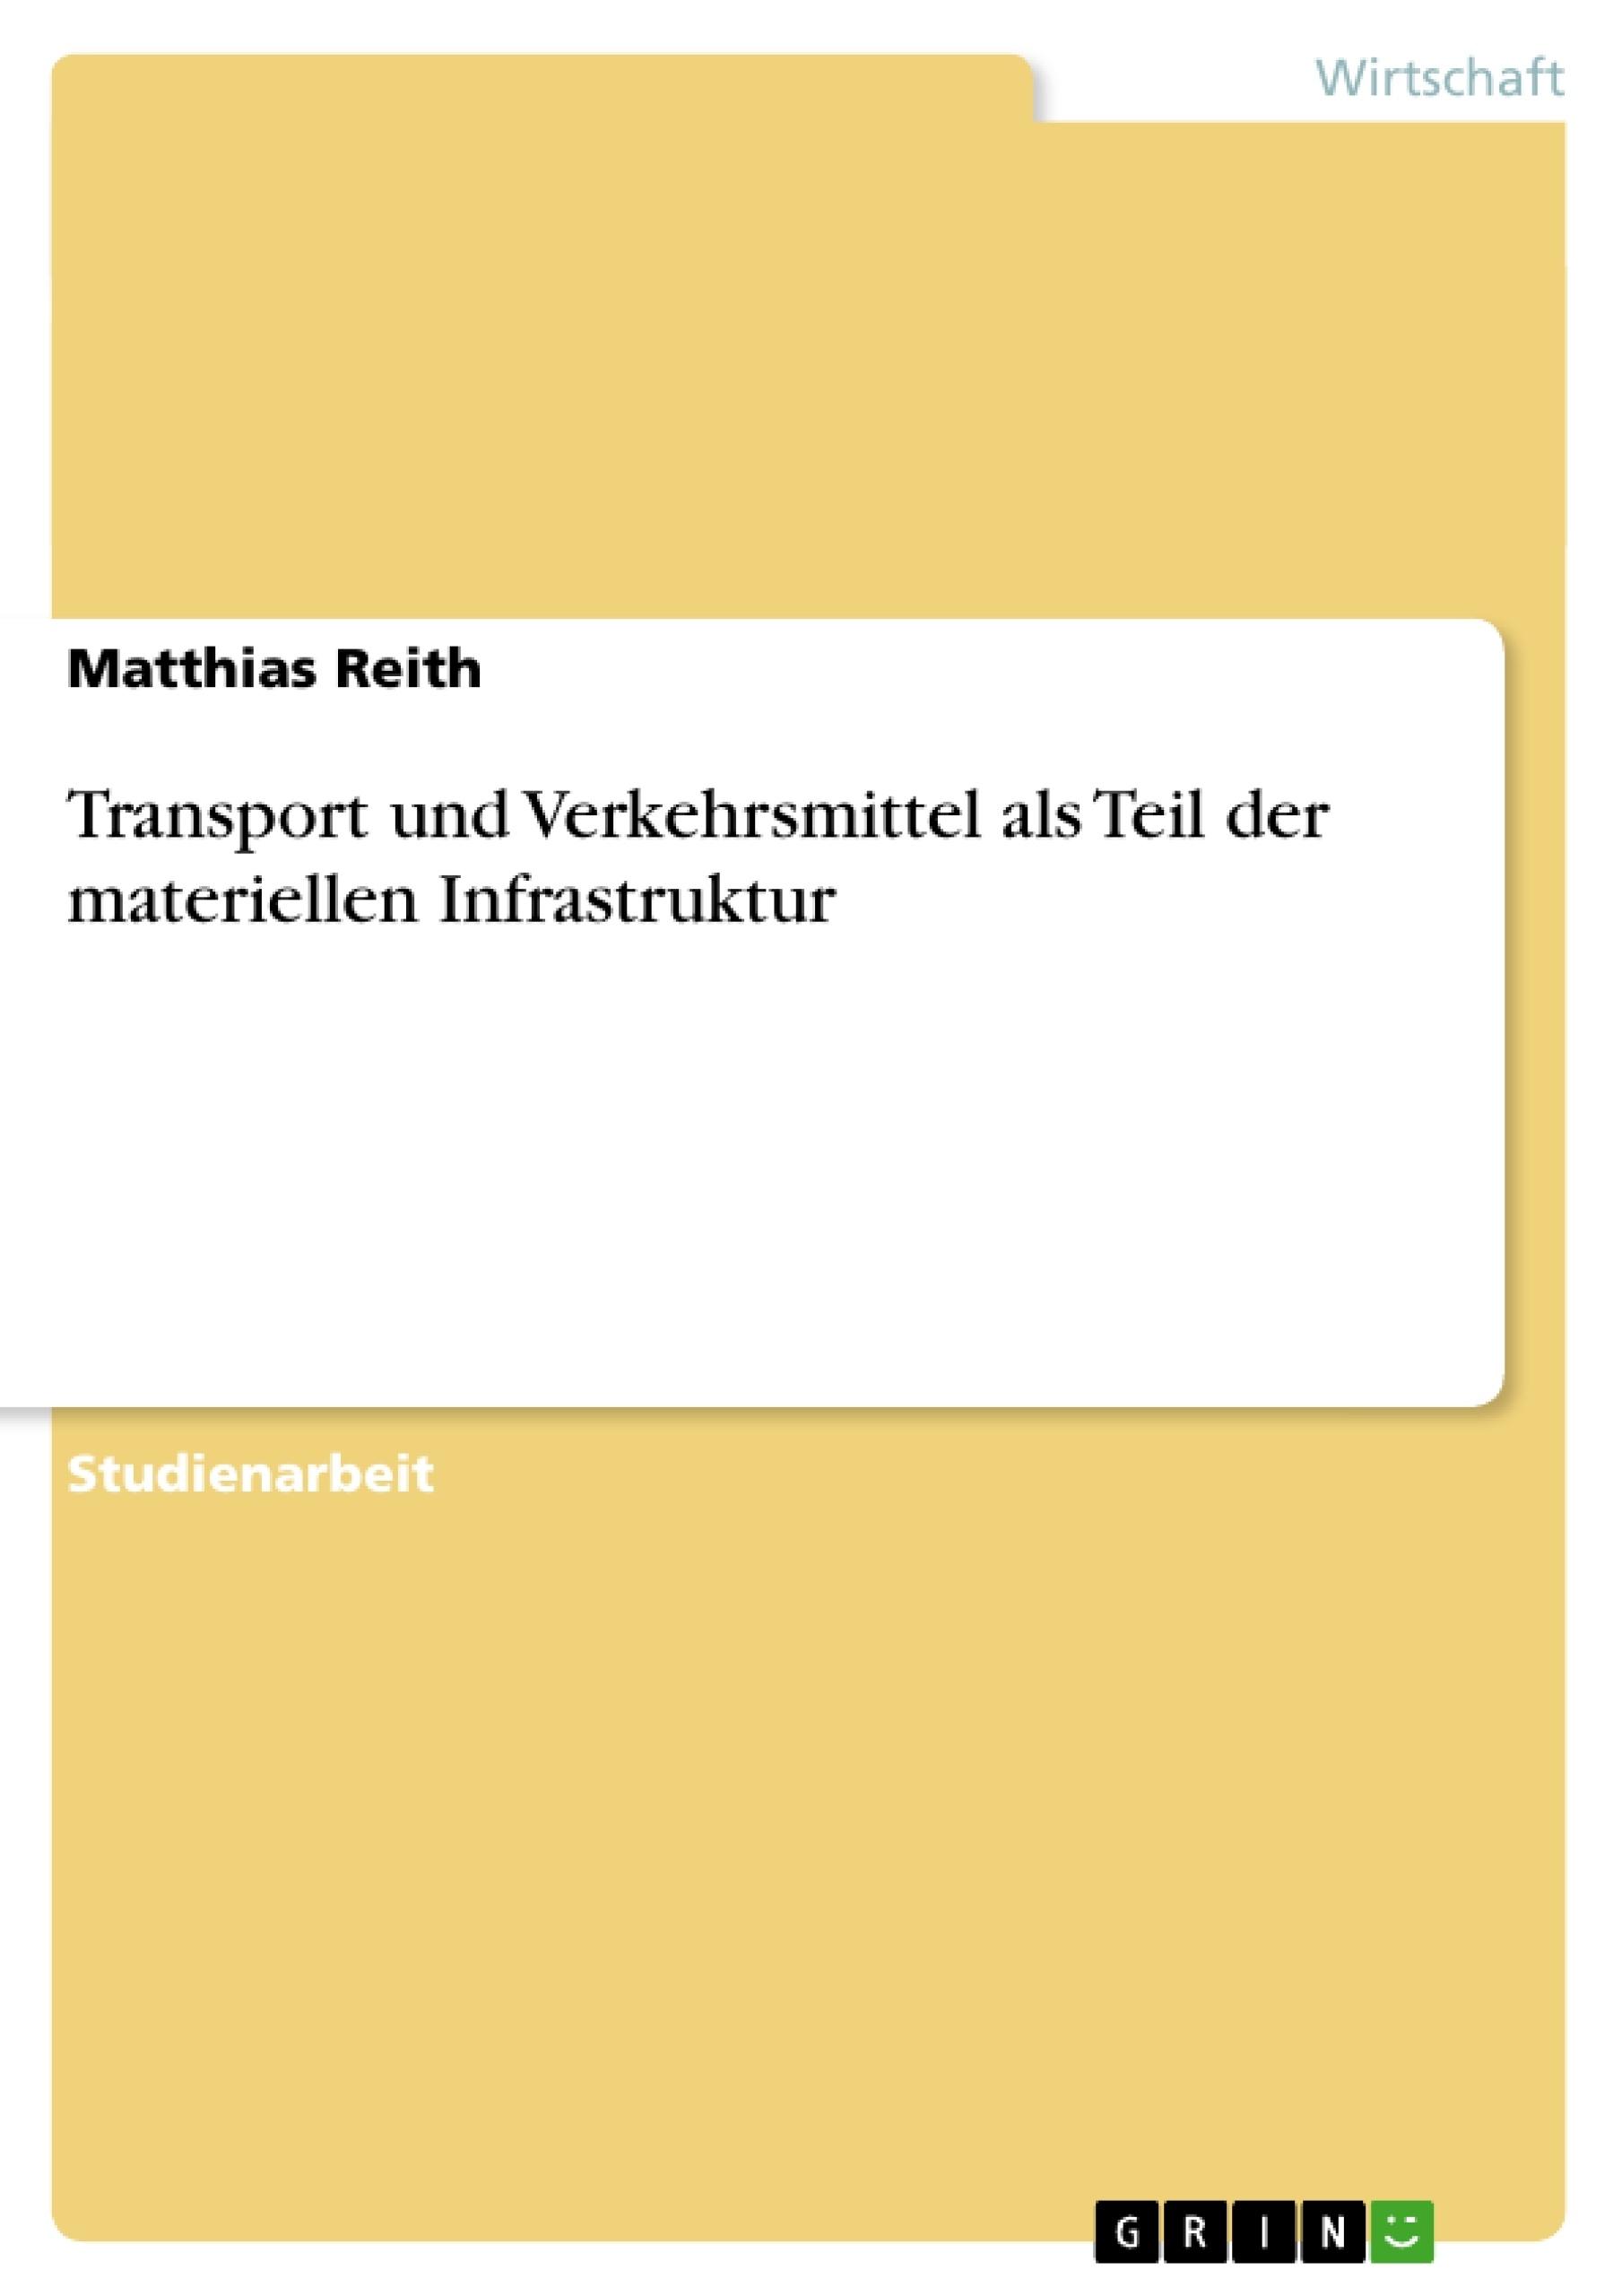 Titel: Transport und Verkehrsmittel als Teil der materiellen Infrastruktur